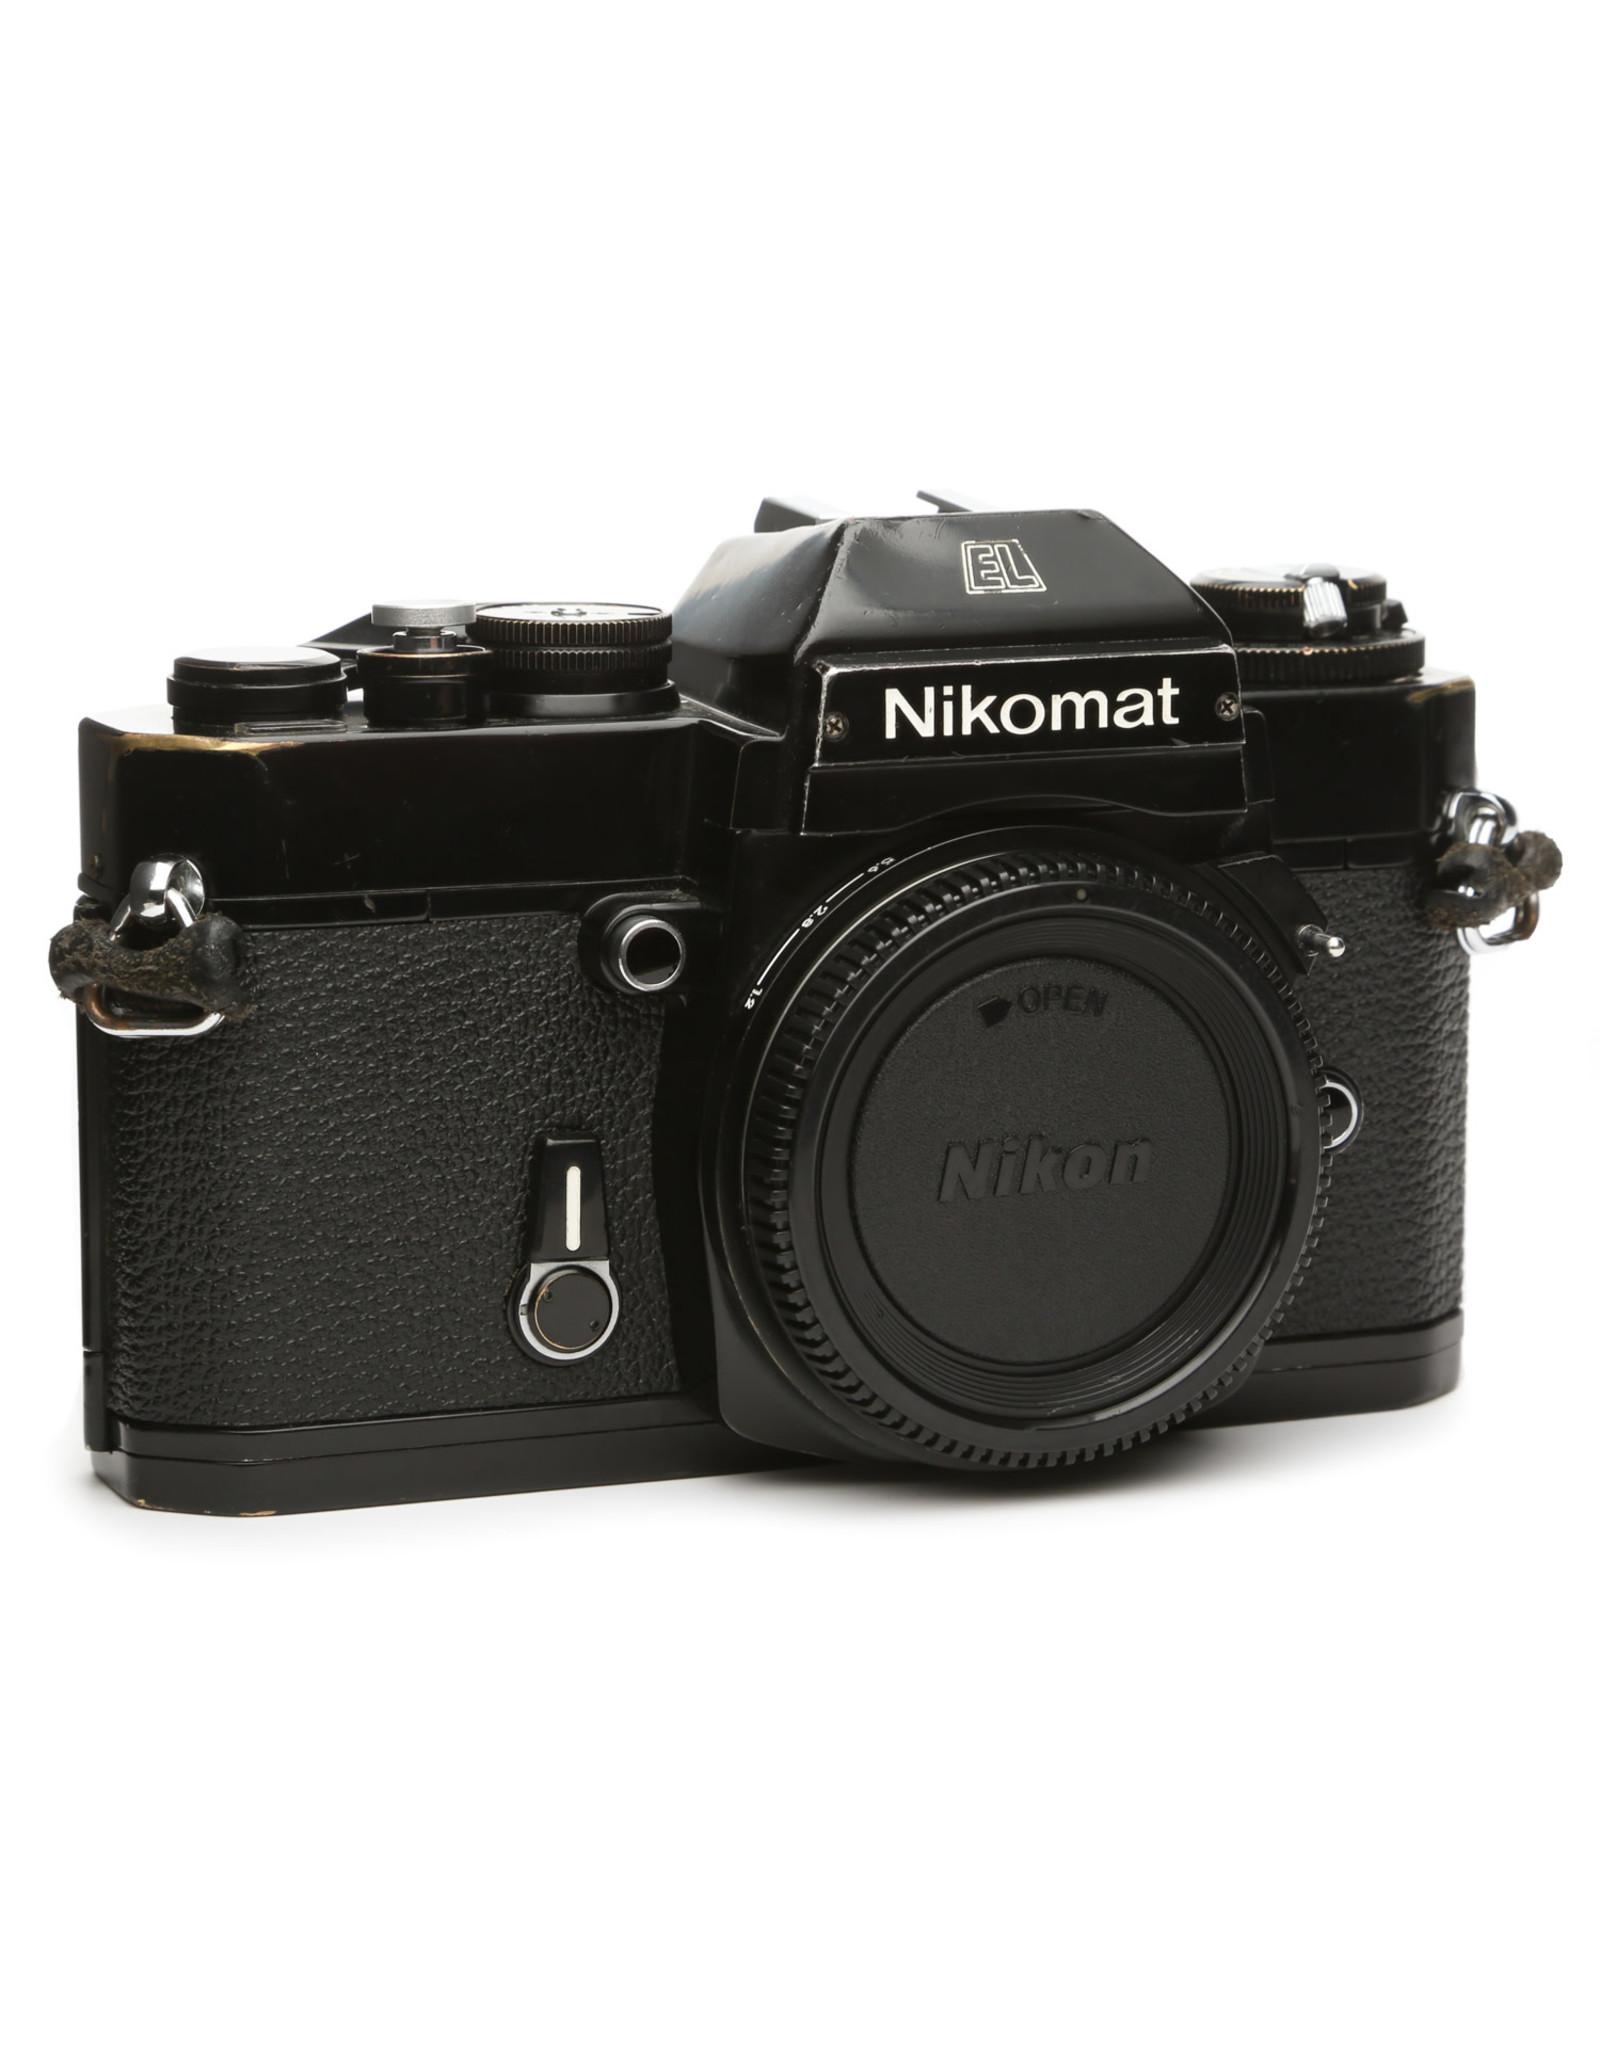 Nikon Nikon Nikomat EL 35mm SLR Camera Body